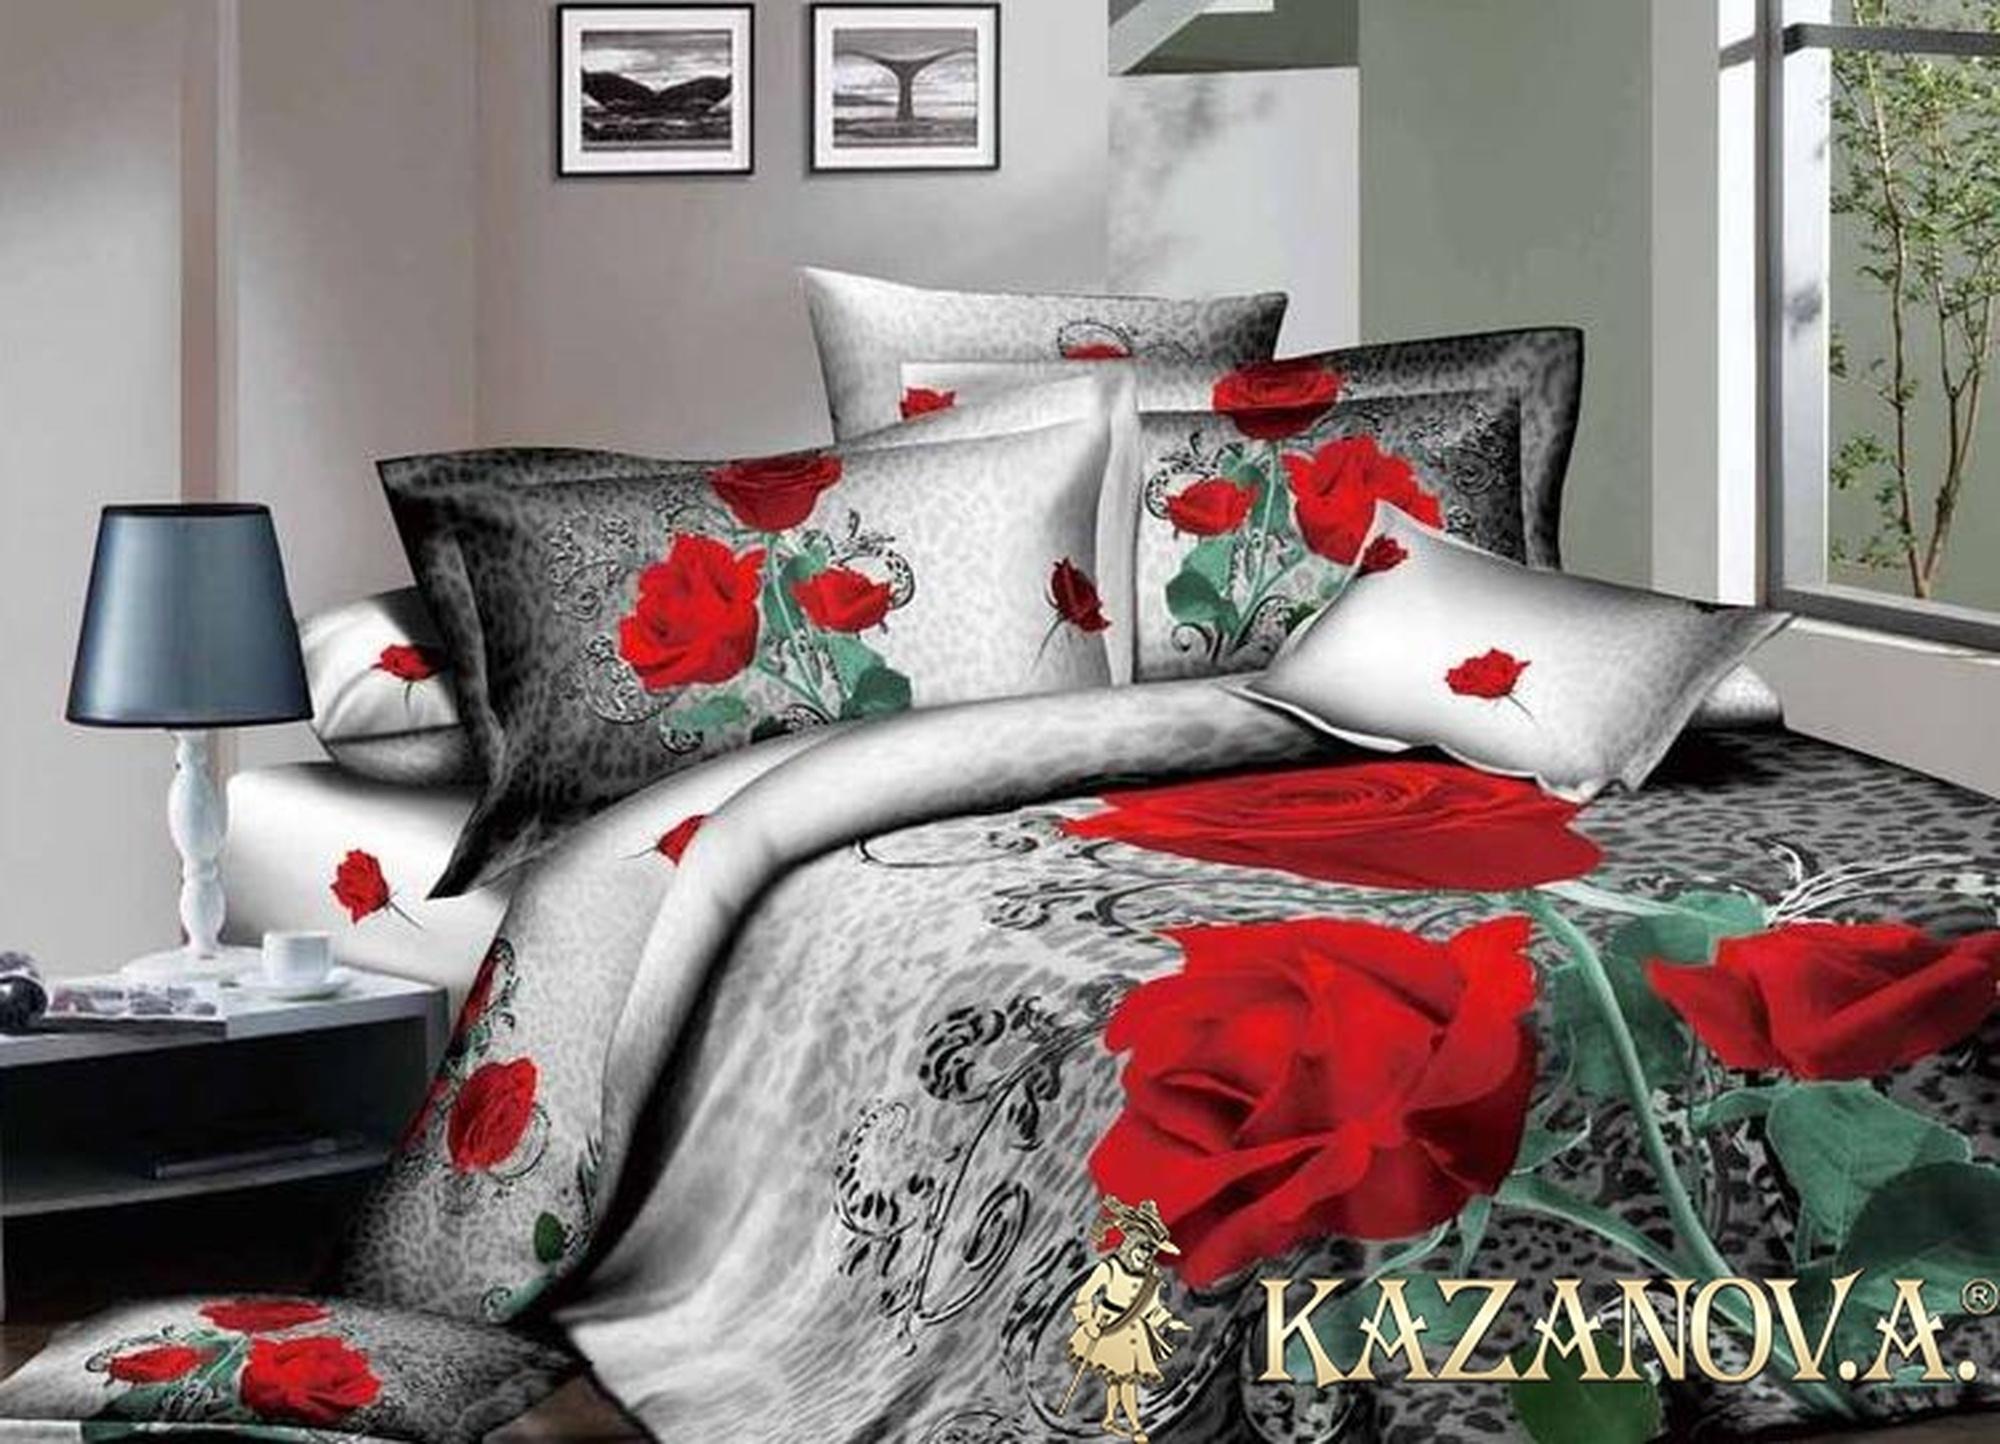 KAZANOV.A Dela Rose (антрацит) цветы Комплект постельного белья евро, 6 предметов